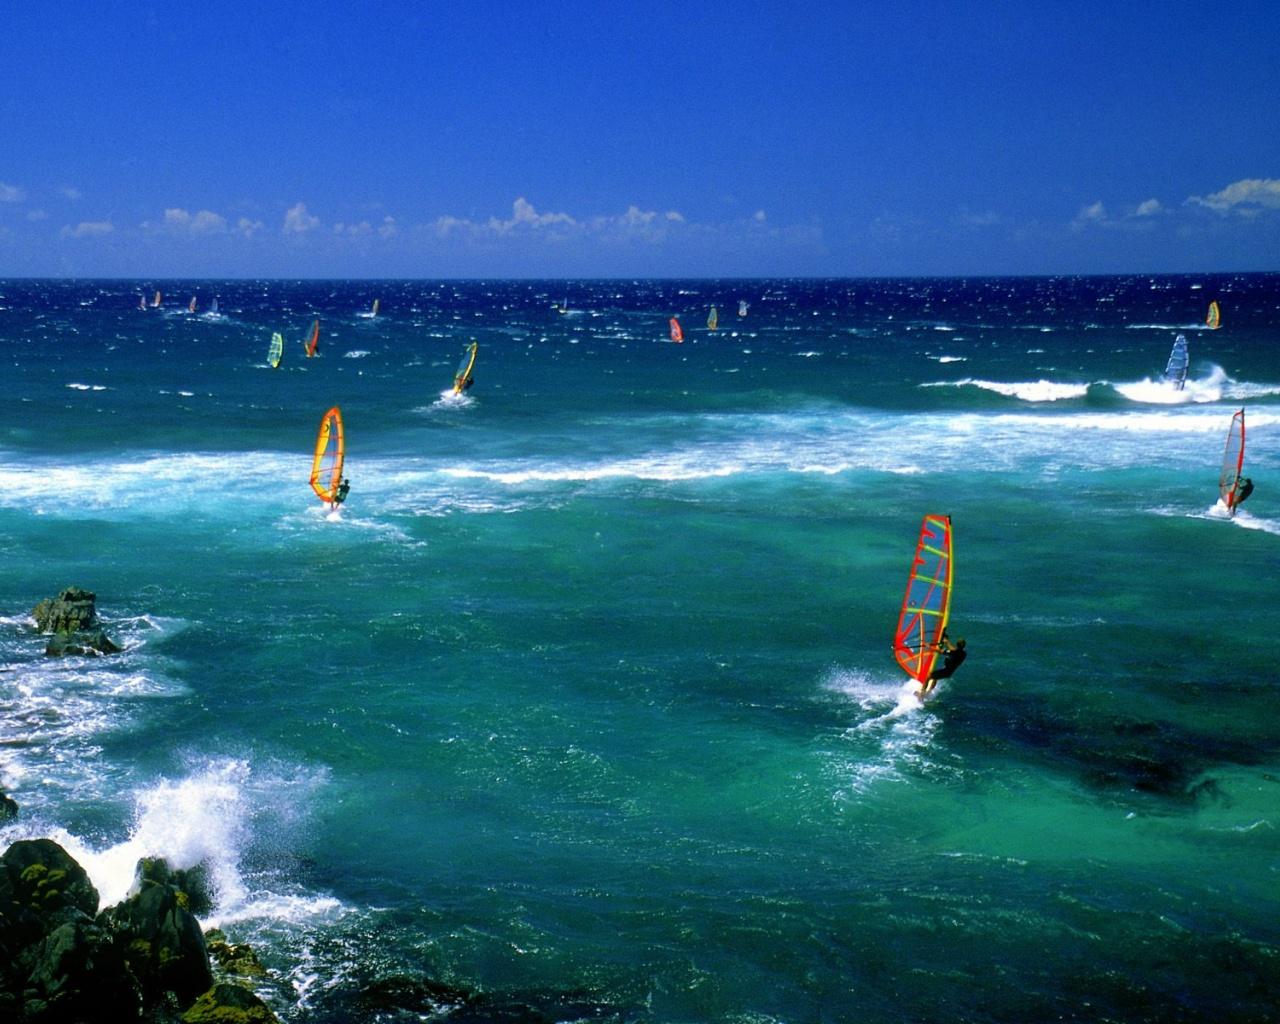 1280x1024 Windsurfers Maui desktop PC and Mac wallpaper 1280x1024